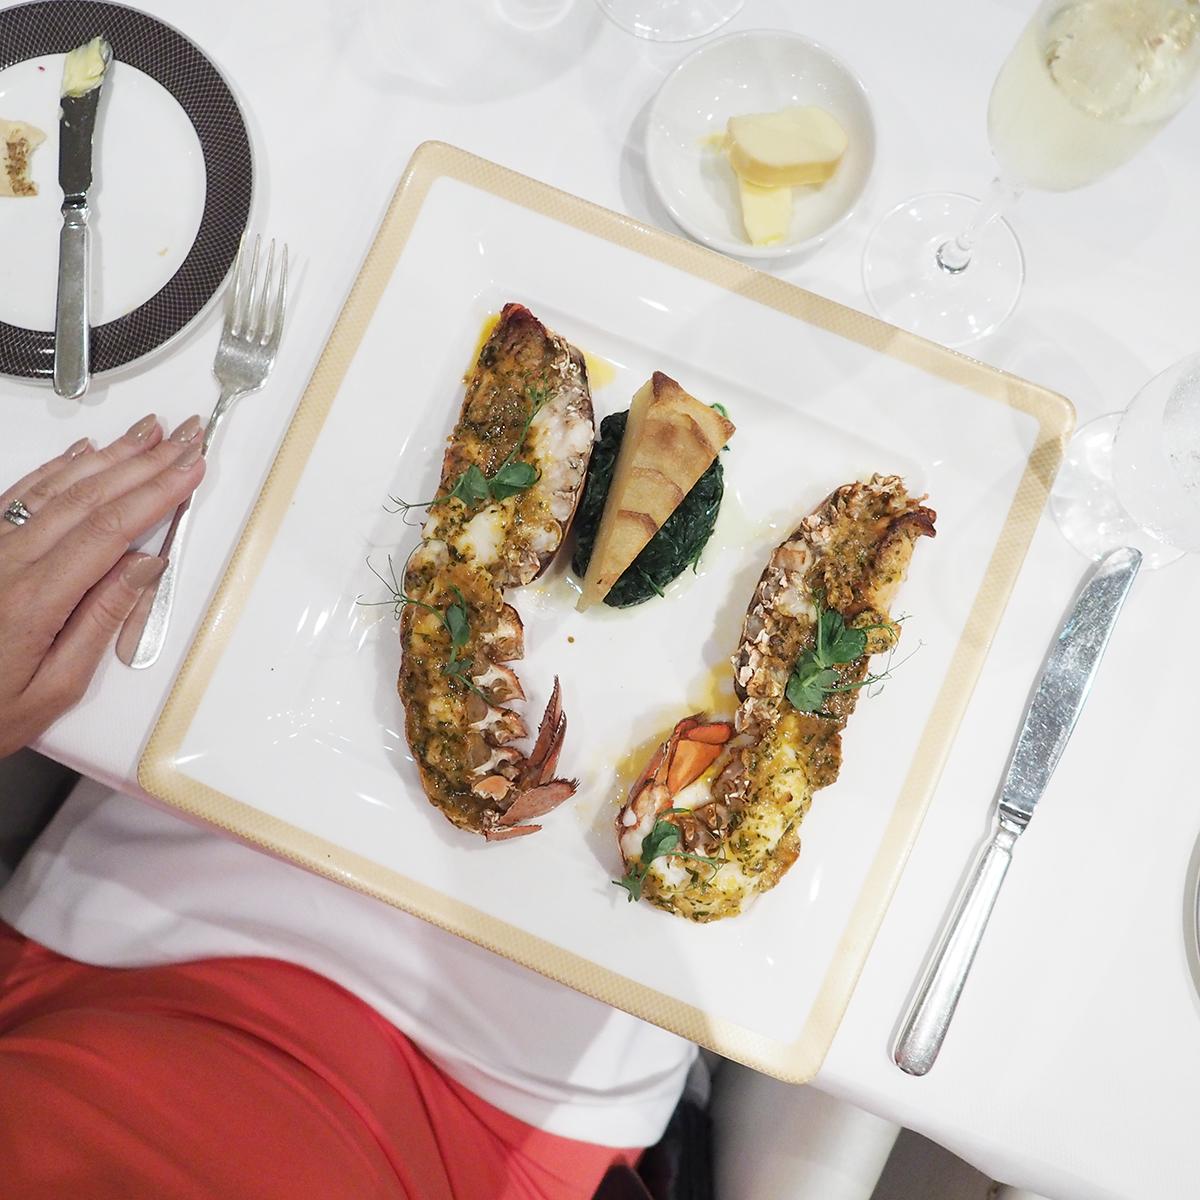 Cunard Queen Mary 2 Verandah restaurant